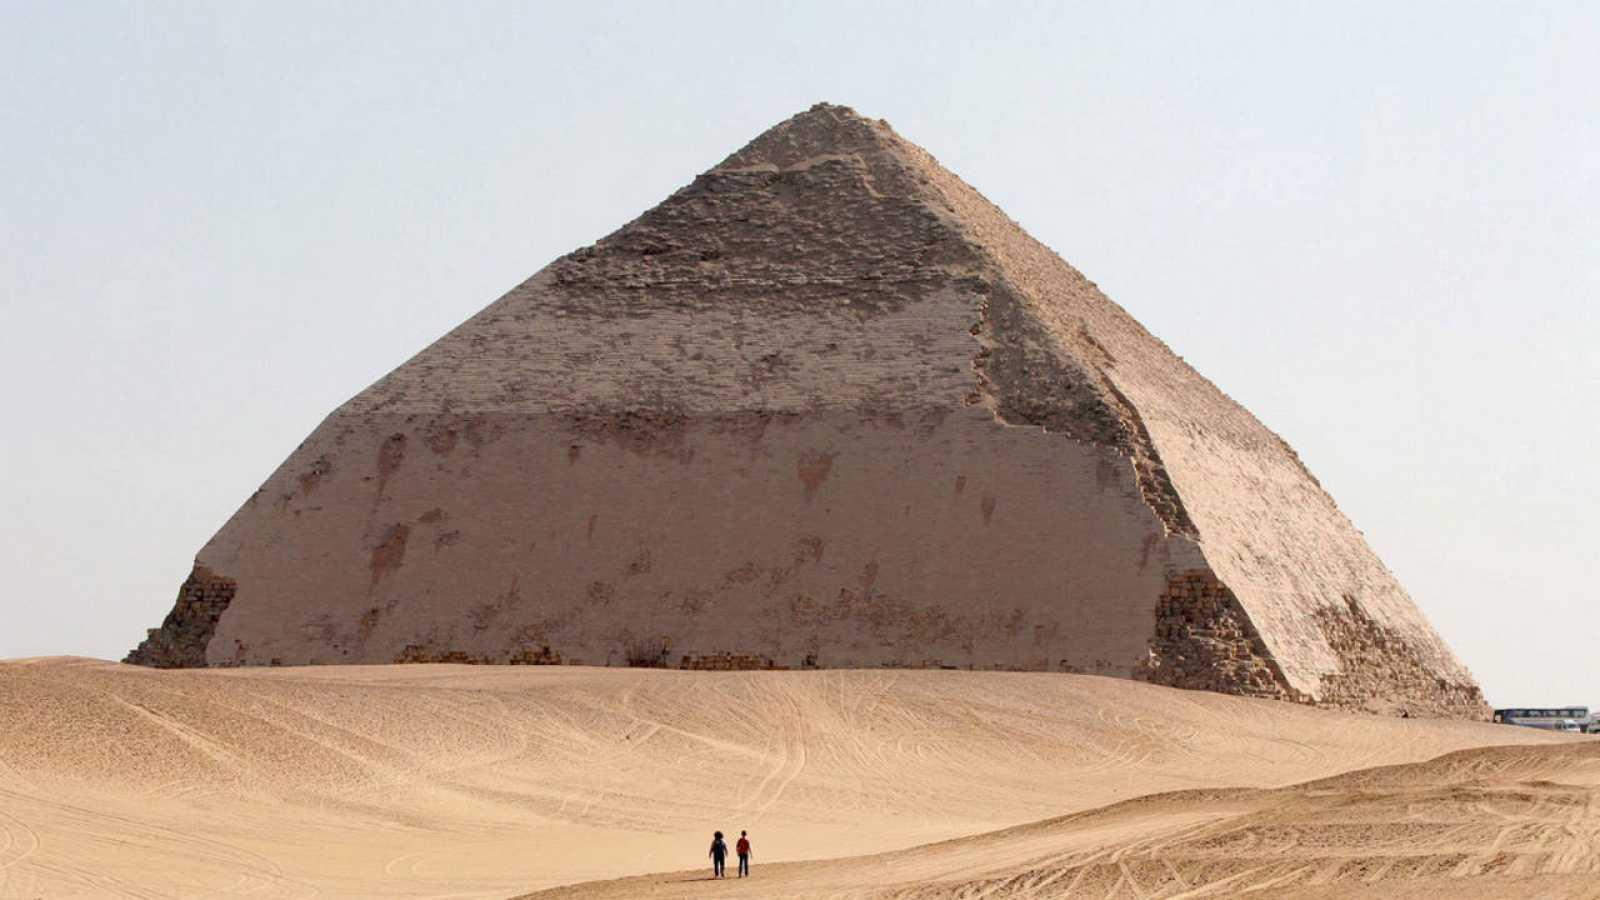 Pirámide Acodada de Dahshur, 30 kilómetros al sur de El Cairo